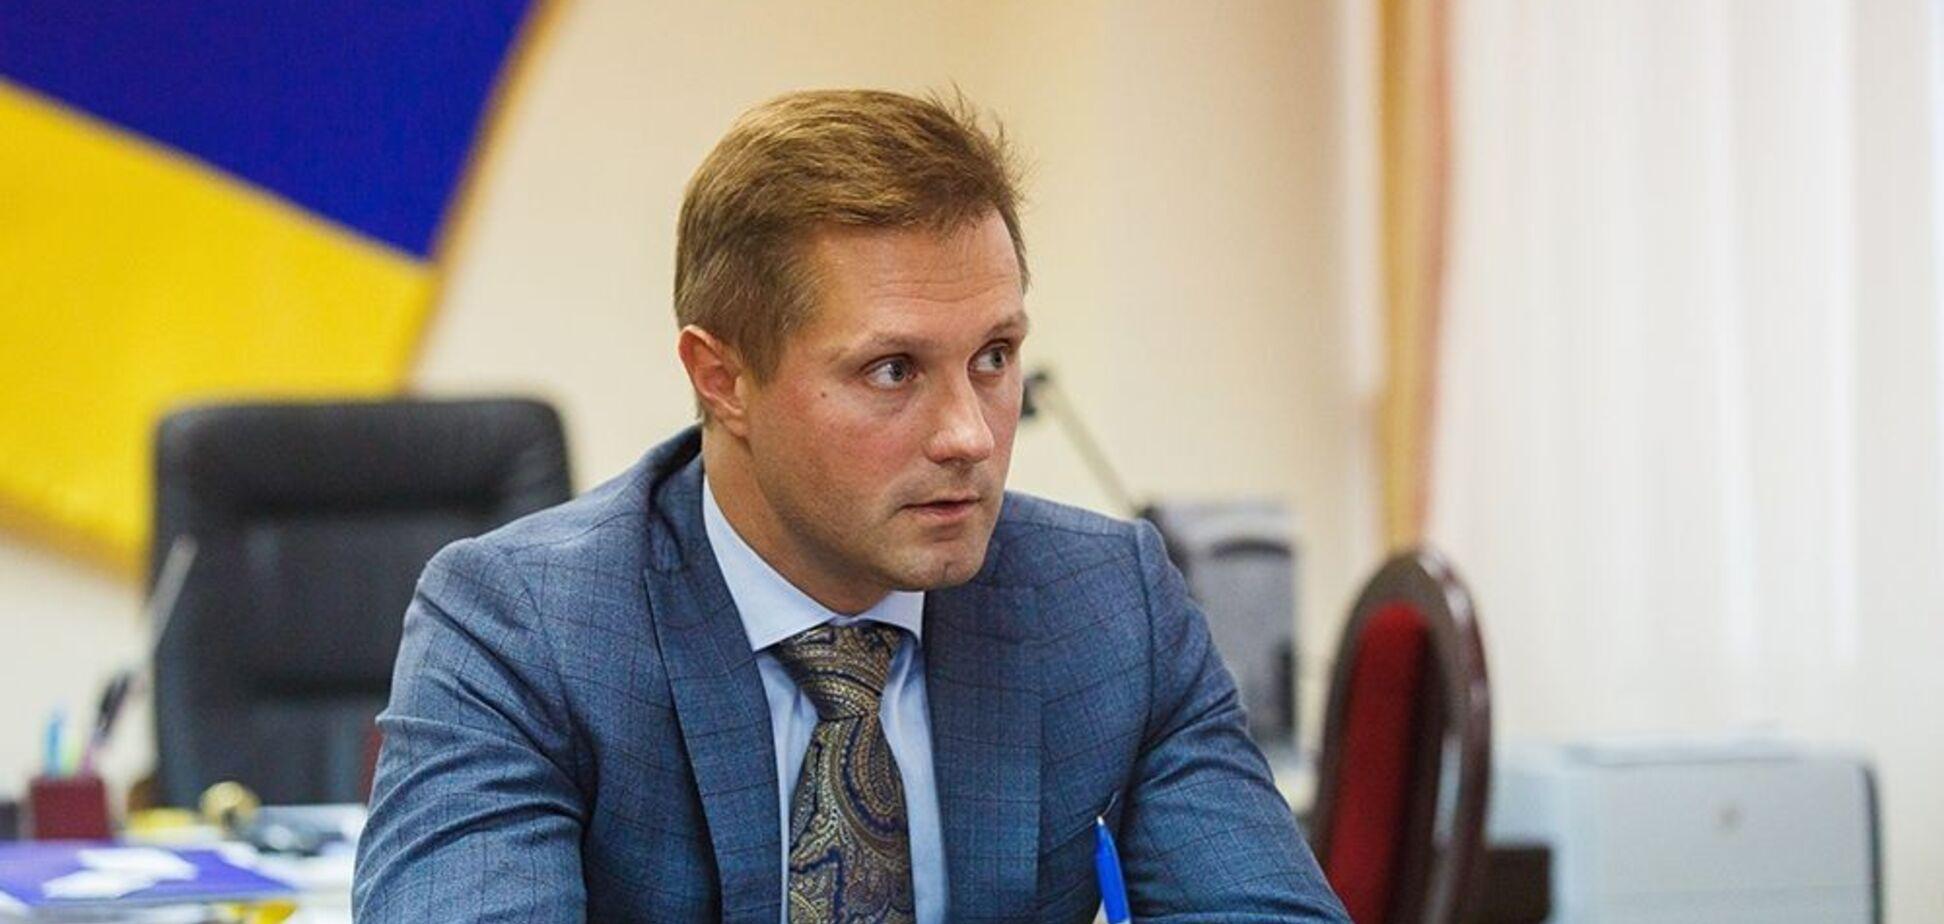 Юрий Терентьев засветил дорогие аксессуары перед Зеленским